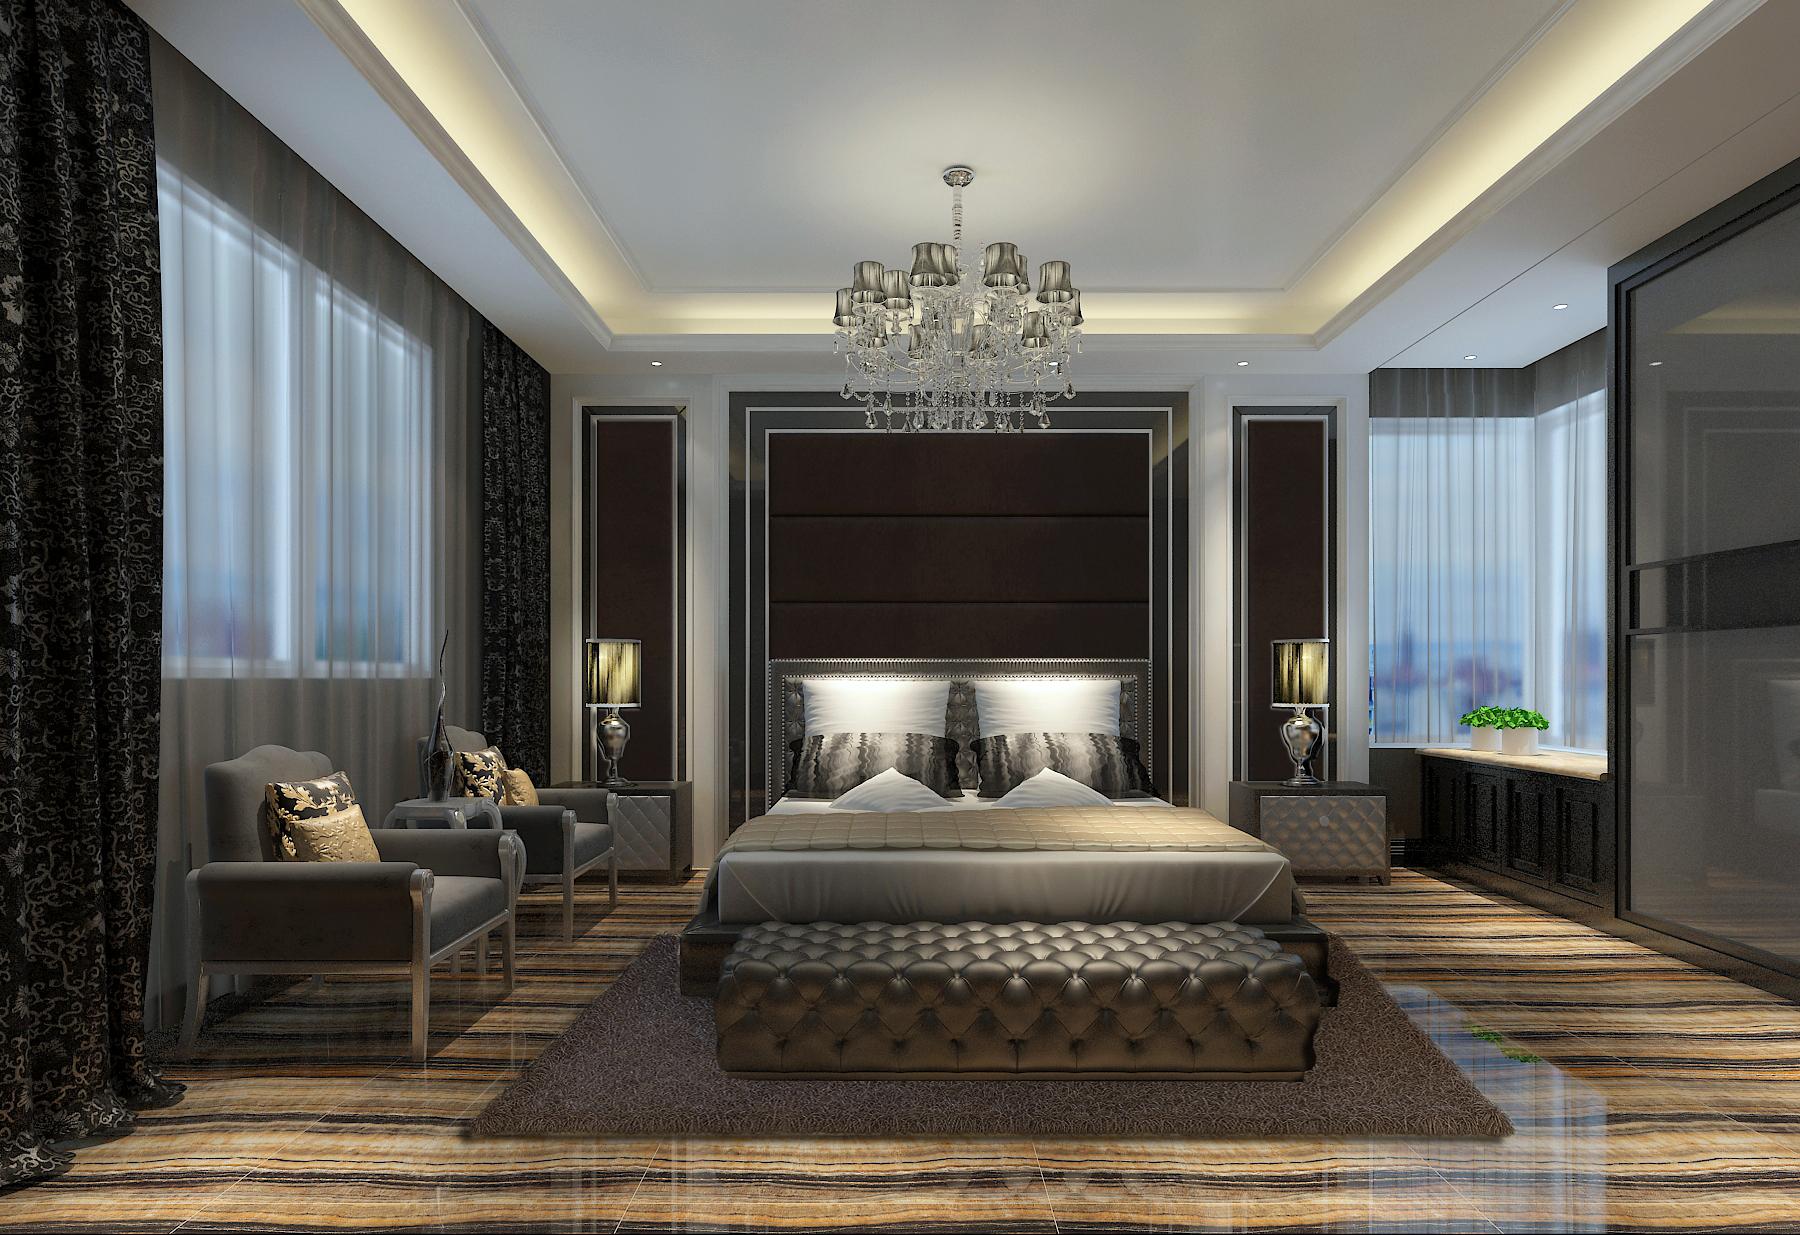 简约 欧式 混搭 三居 小资 卧室图片来自白翔宇-易百装饰在后现代混搭的分享